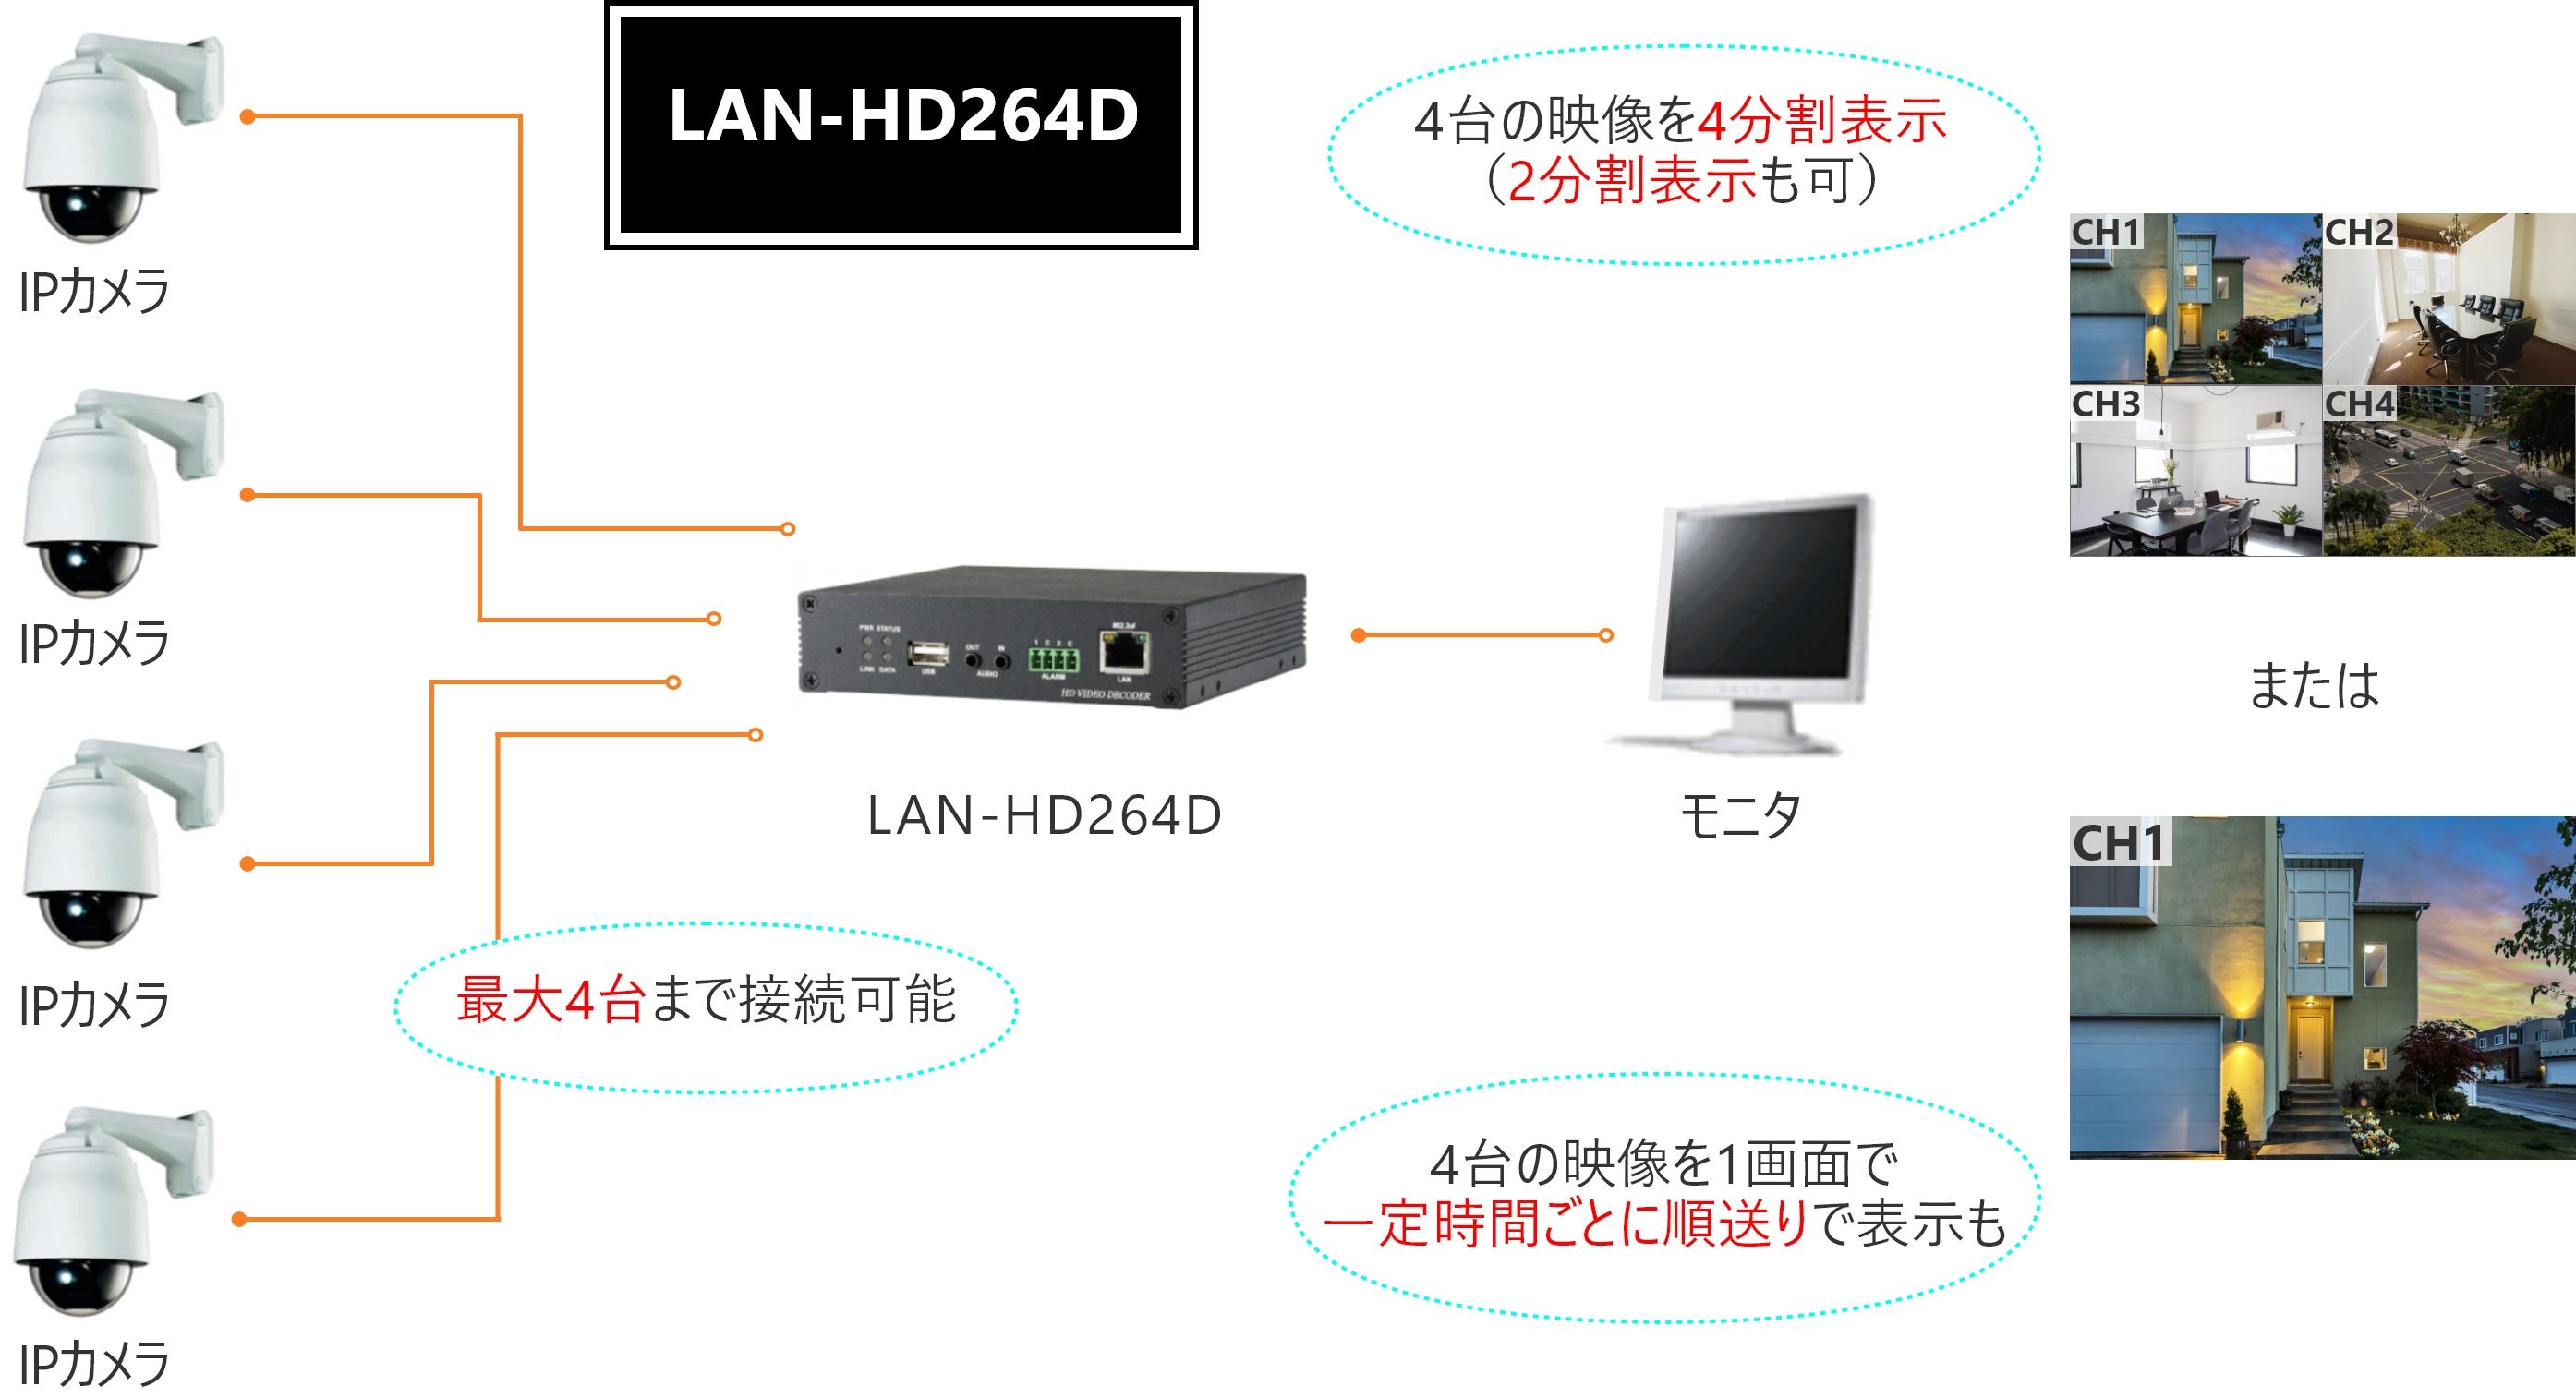 LAN-HD264D特有の機能紹介